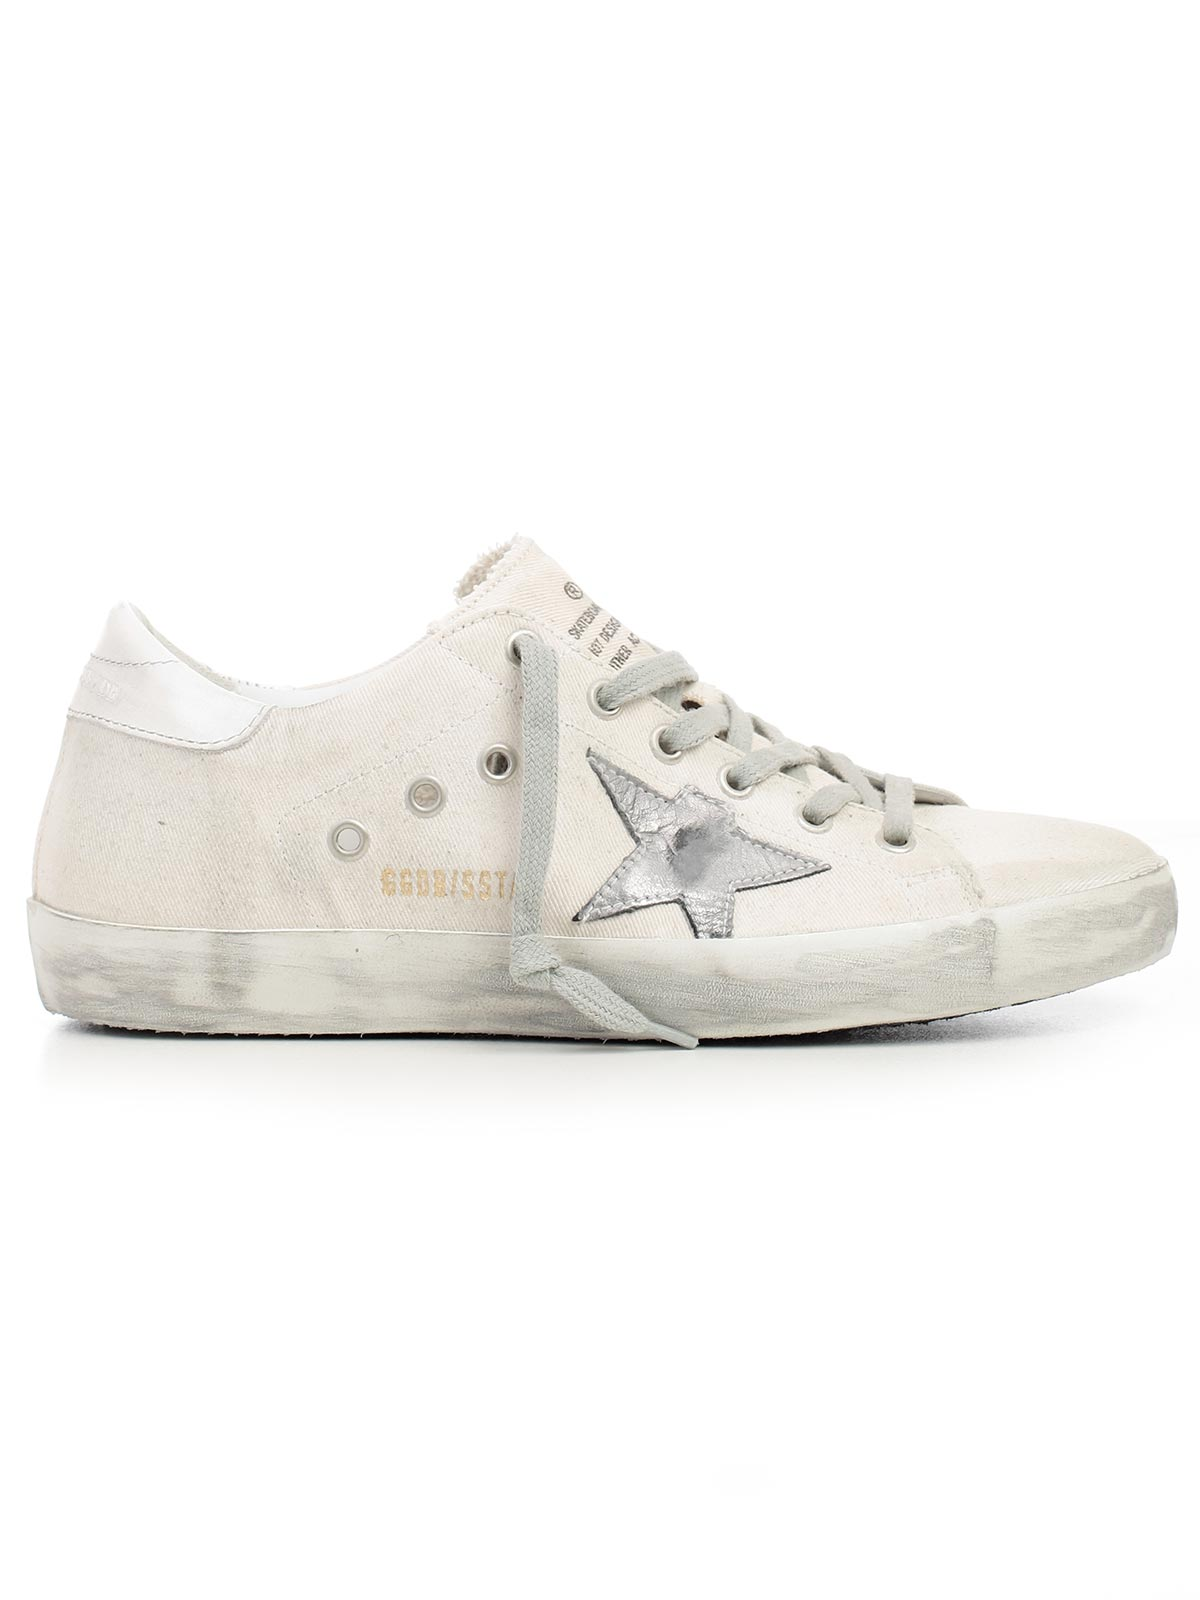 Golden Goose Deluxe Brand Footwear